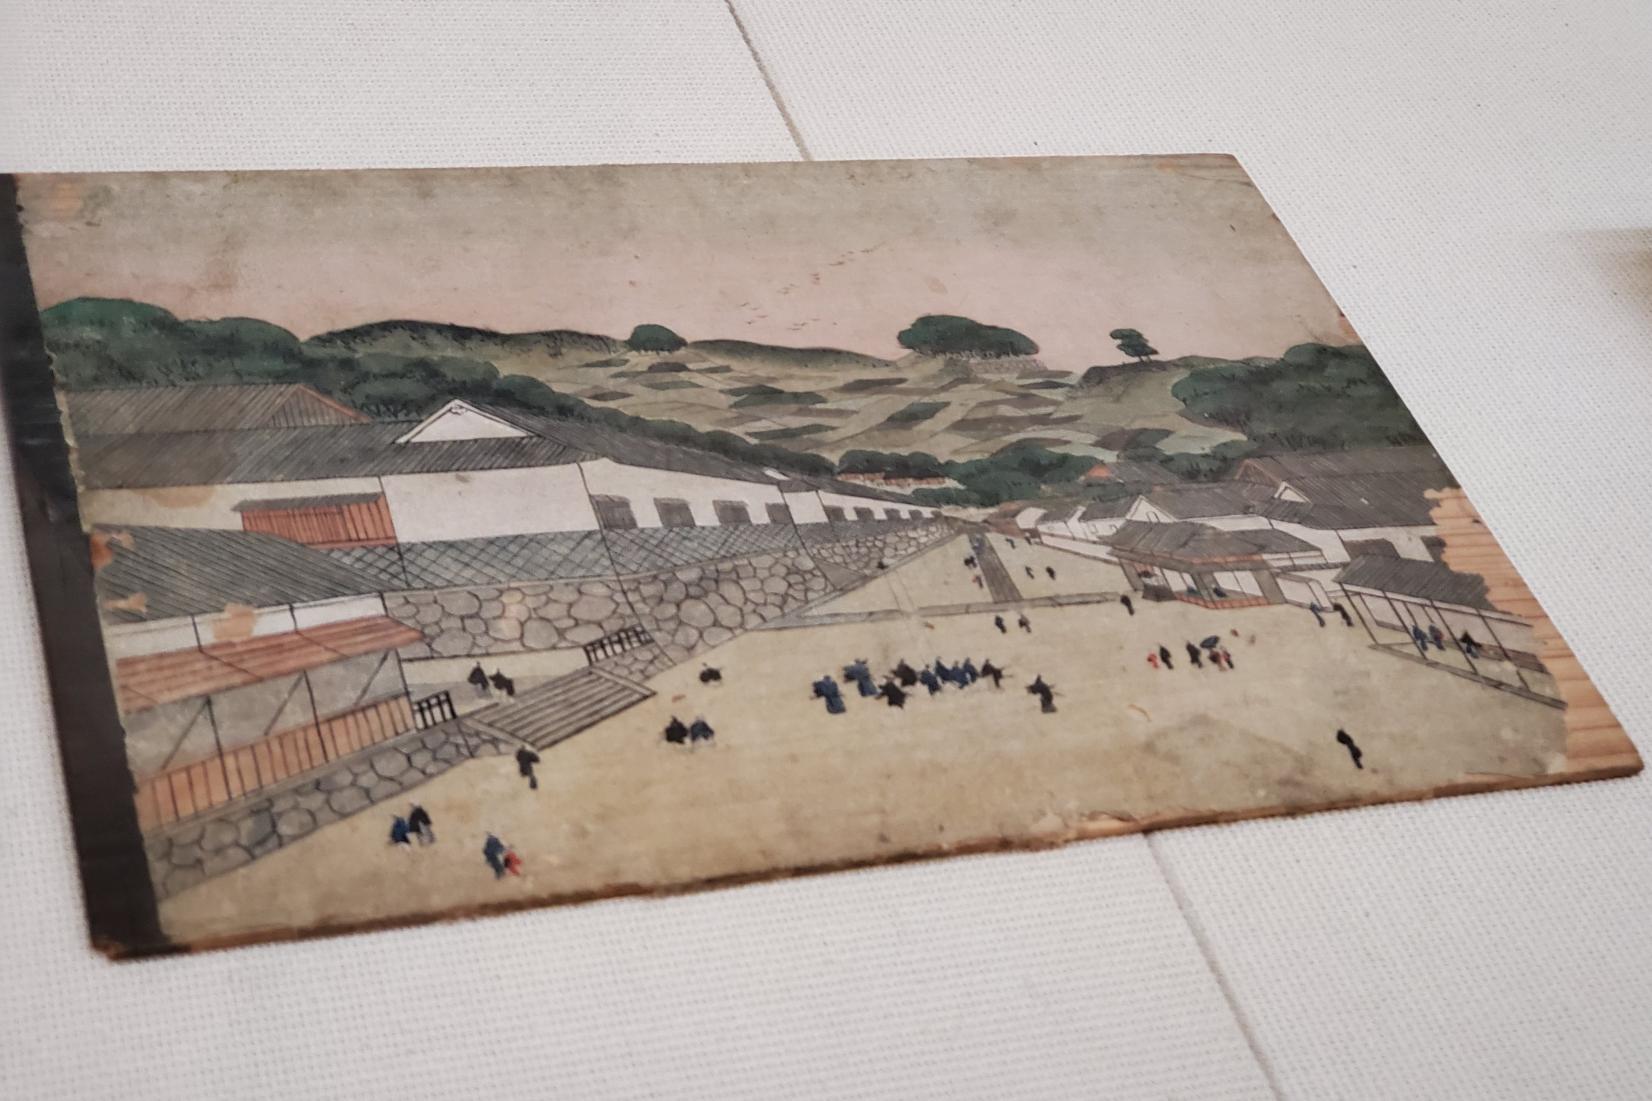 長崎歴史文化博物館で「長崎奉行所展」が開催中-1